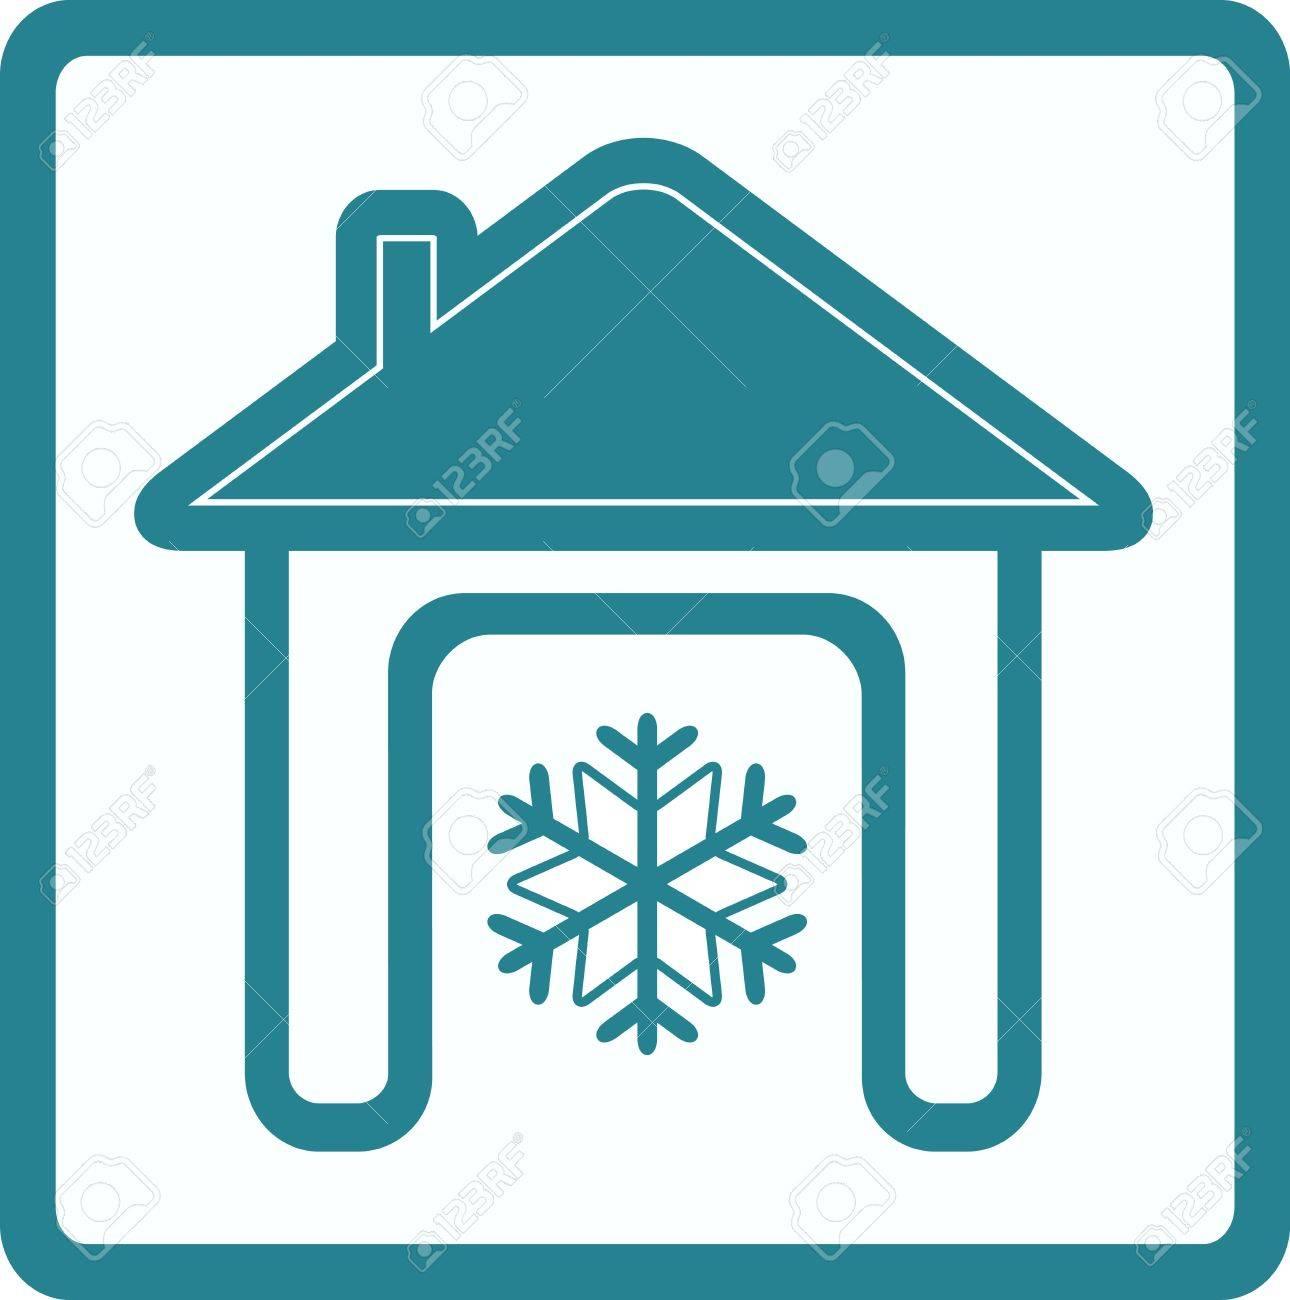 Maison avec flocon de neige - symbole de conditionnement à domicile